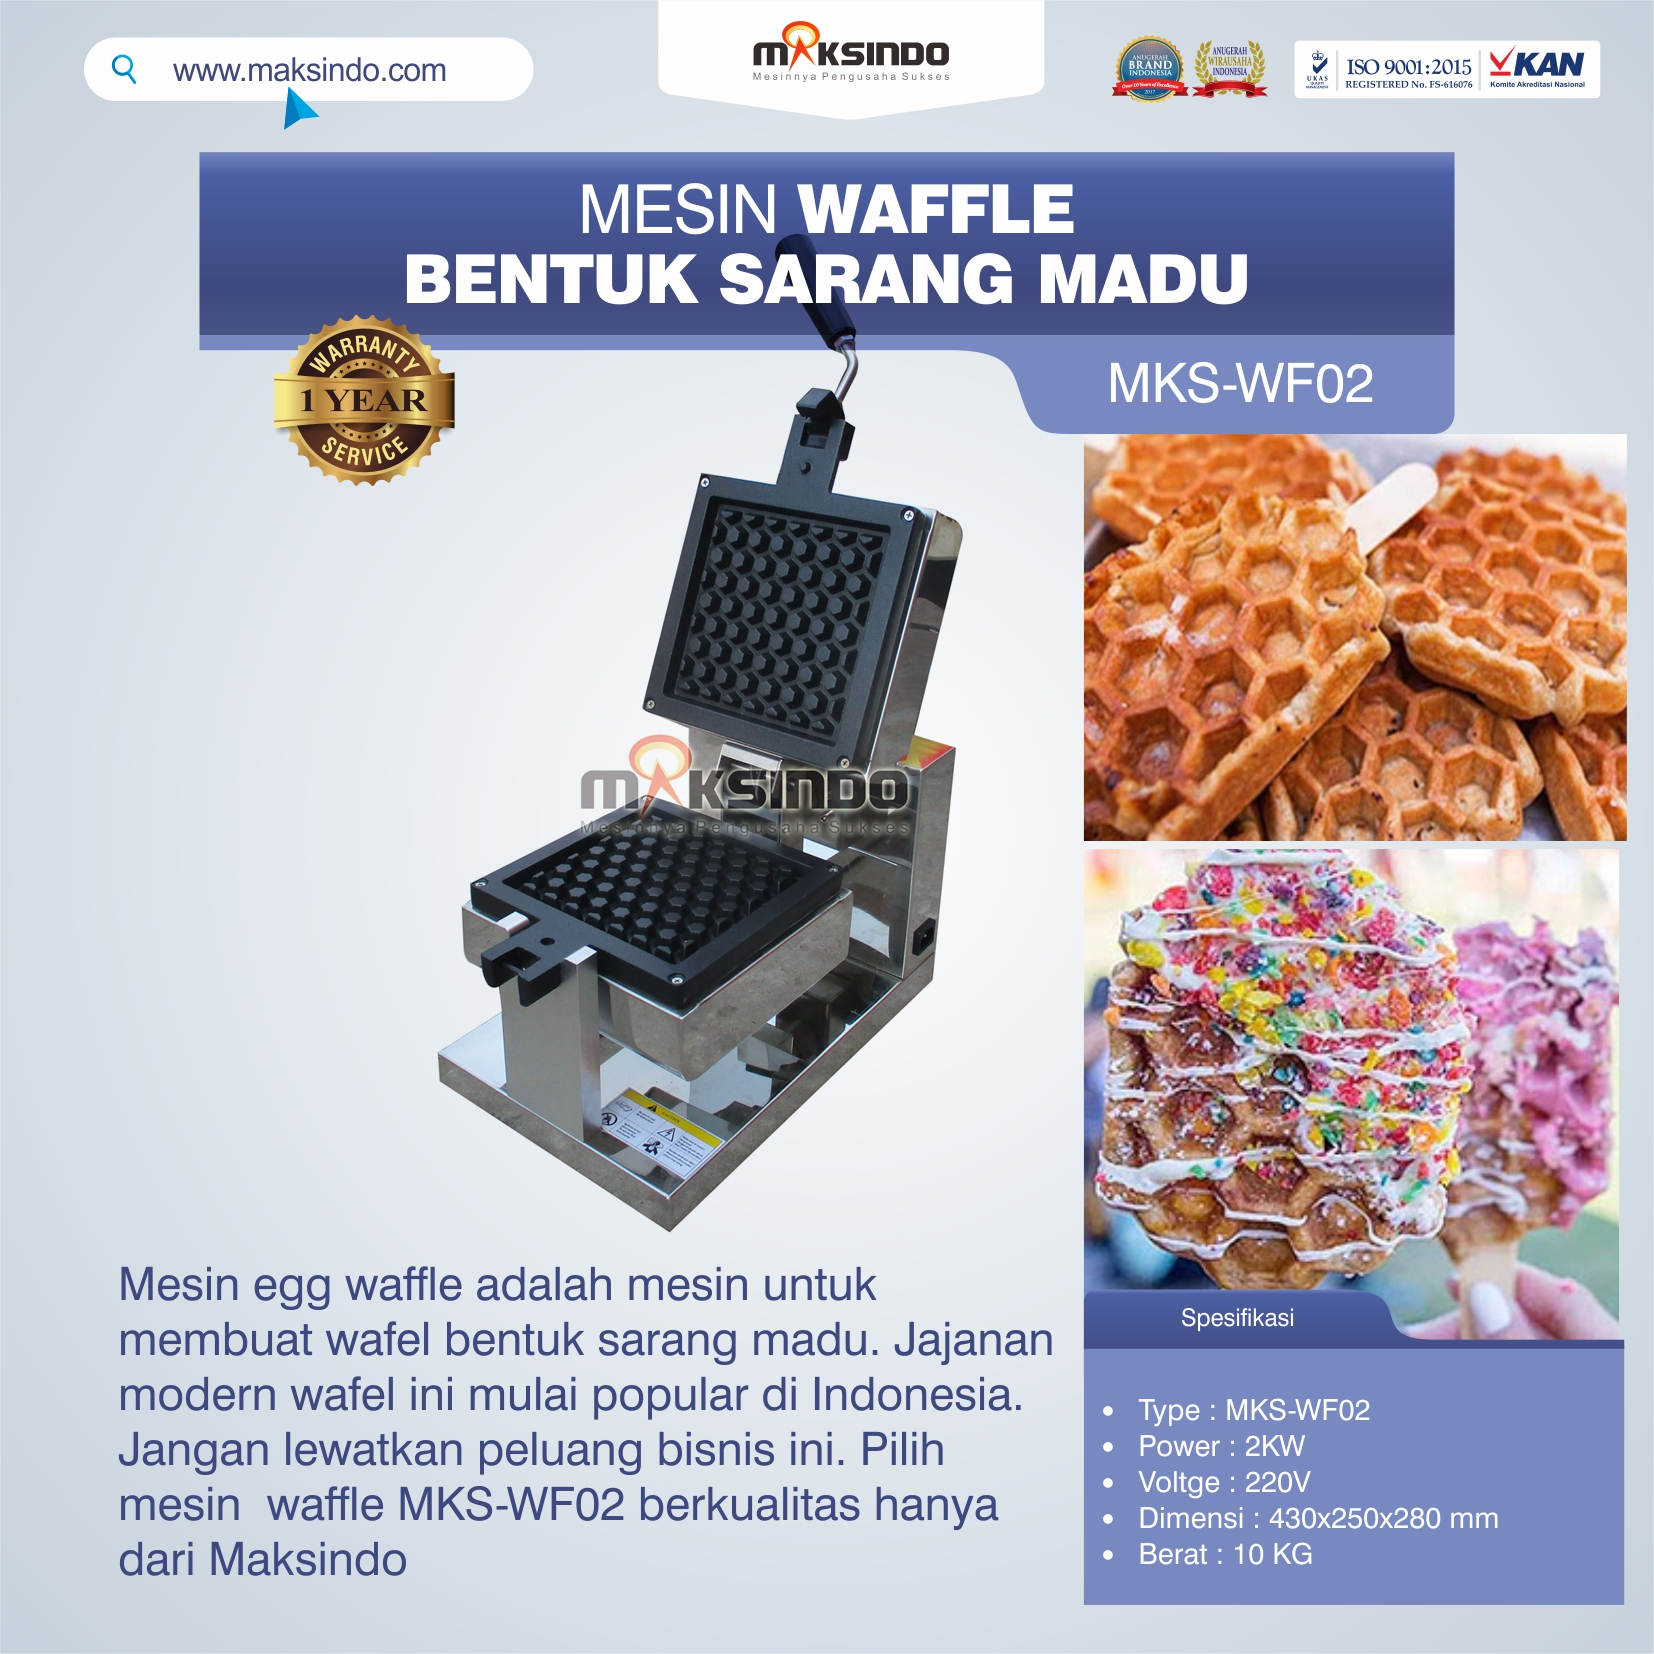 Jual Mesin Waffle Bentuk Sarang Madu MKS-WF02 di Tangerang